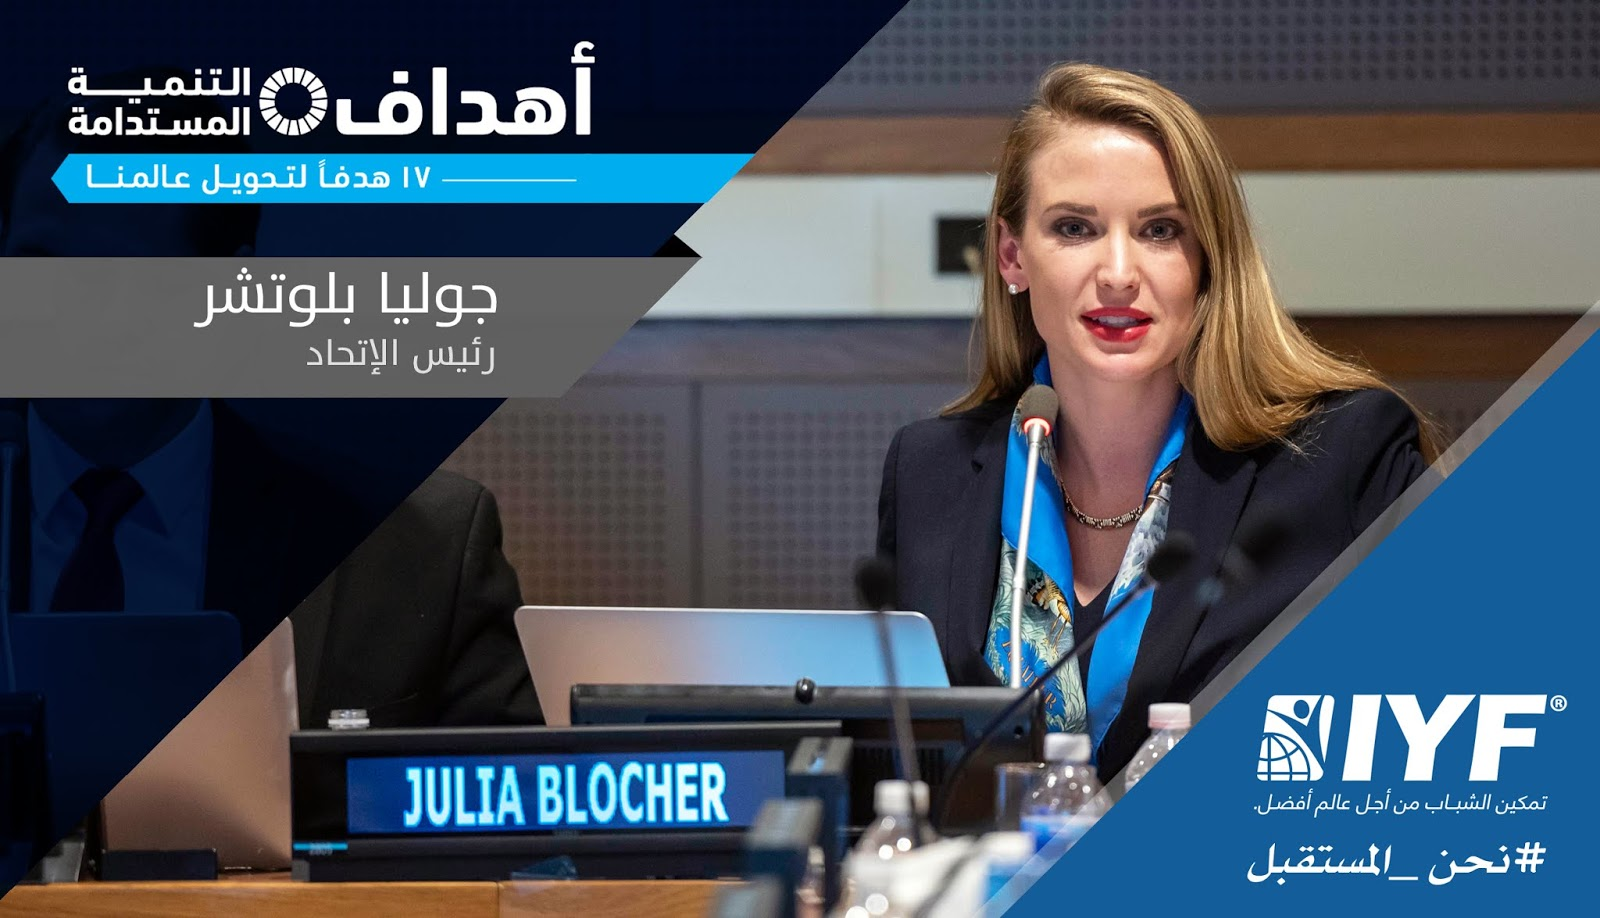 جوليا بلوتشر، رئيس الإتحاد الدولي للشباب